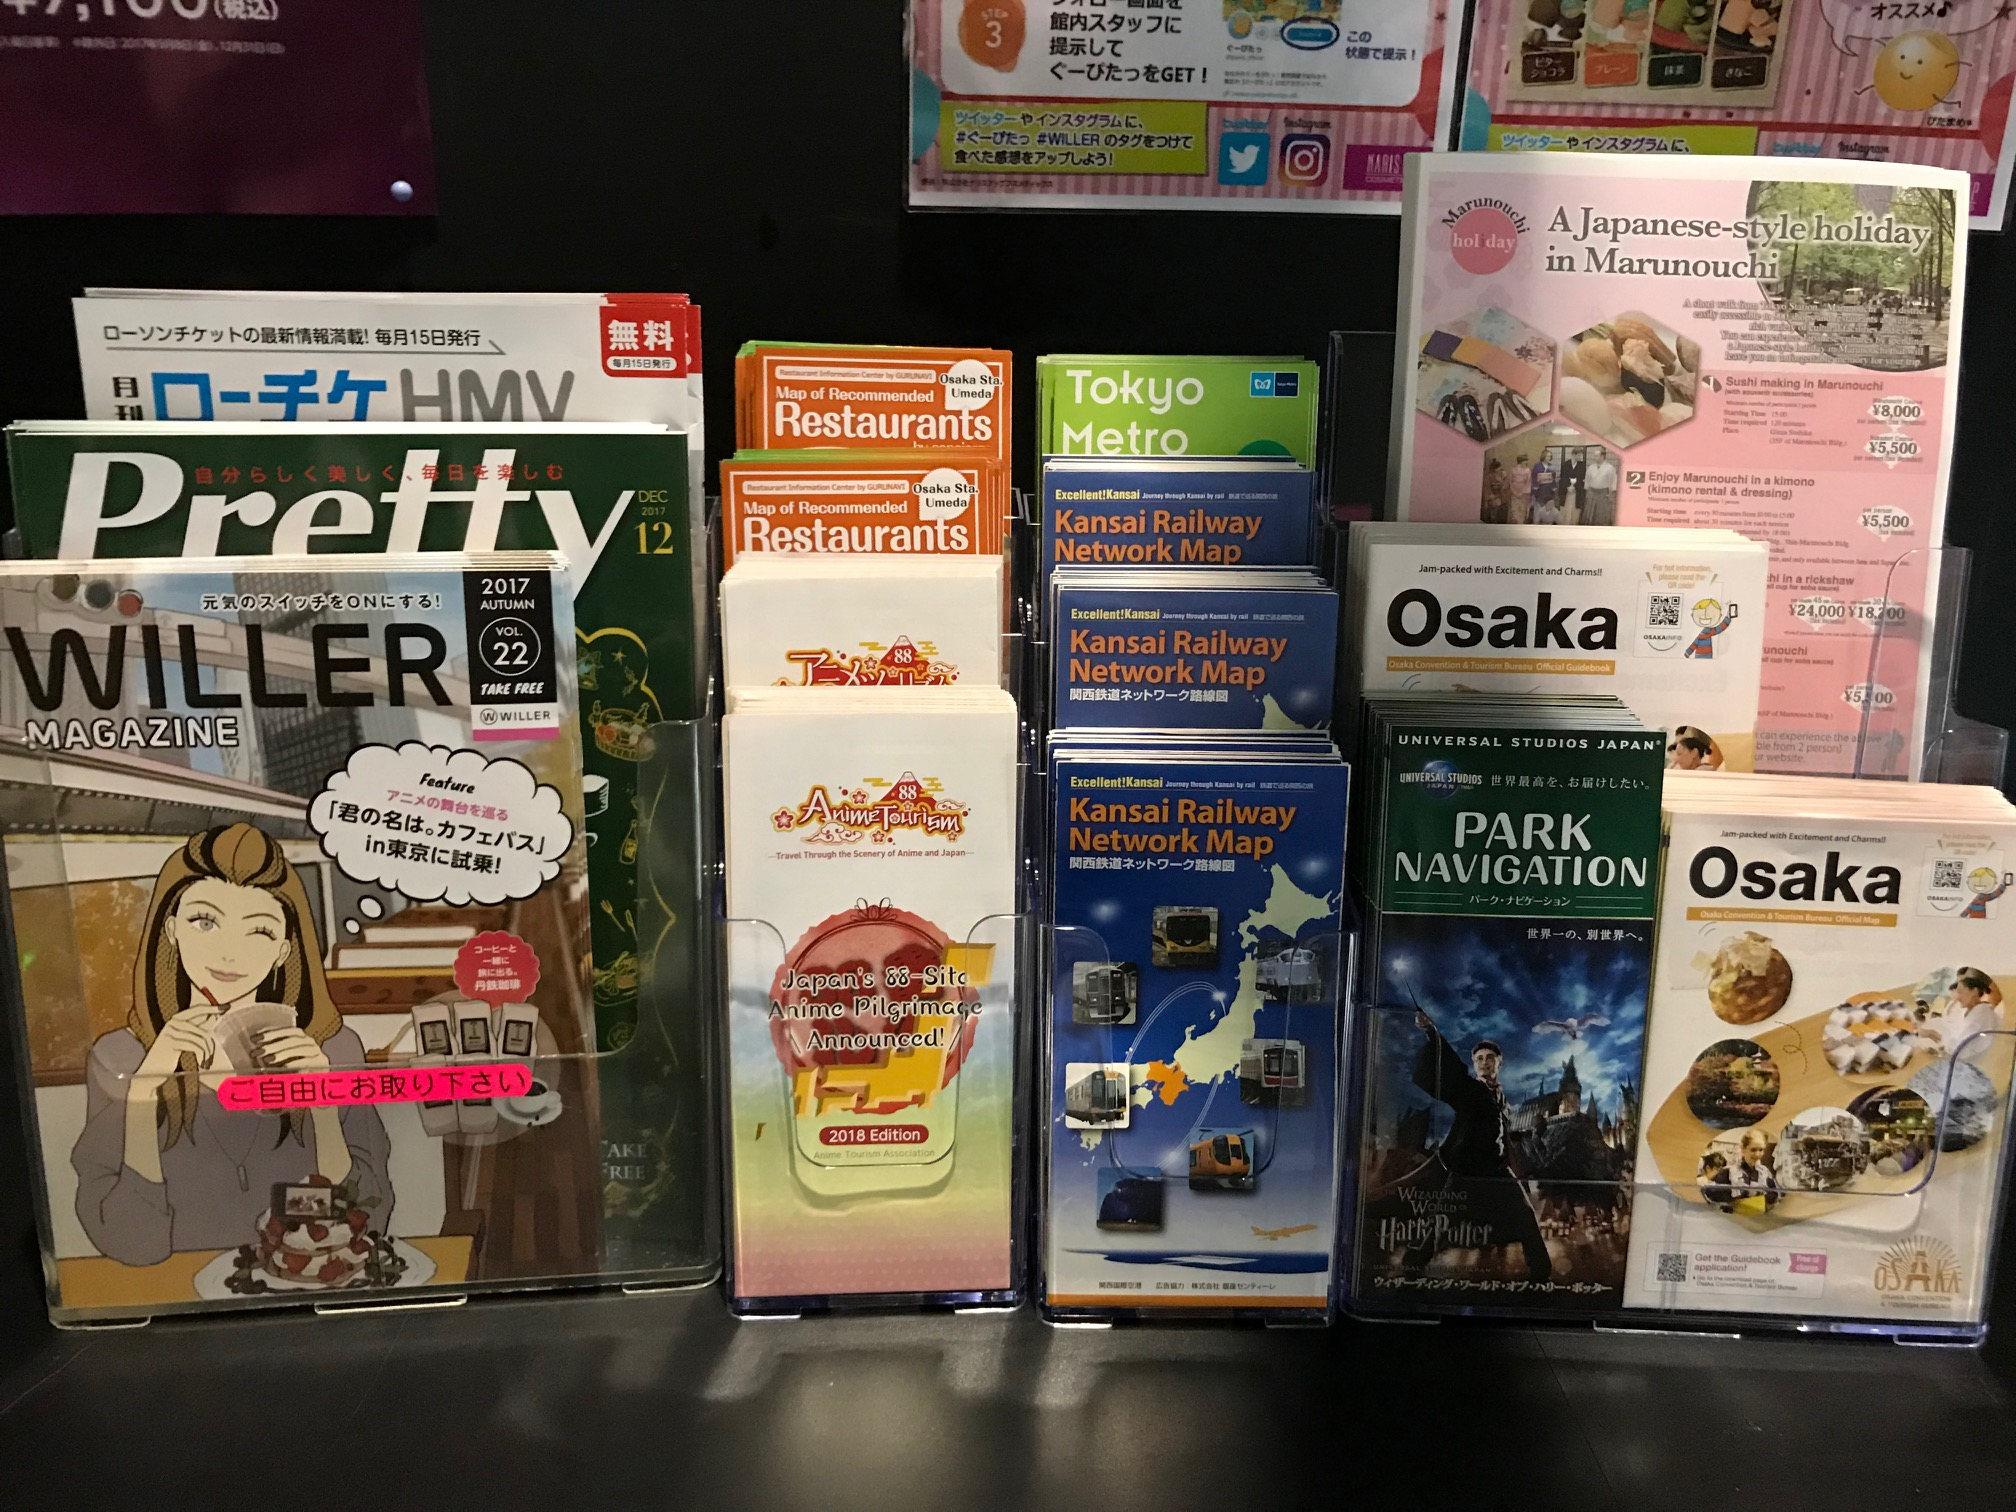 WILLERのバスターミナルや施設でアニメ聖地パンフレットを配布開始!